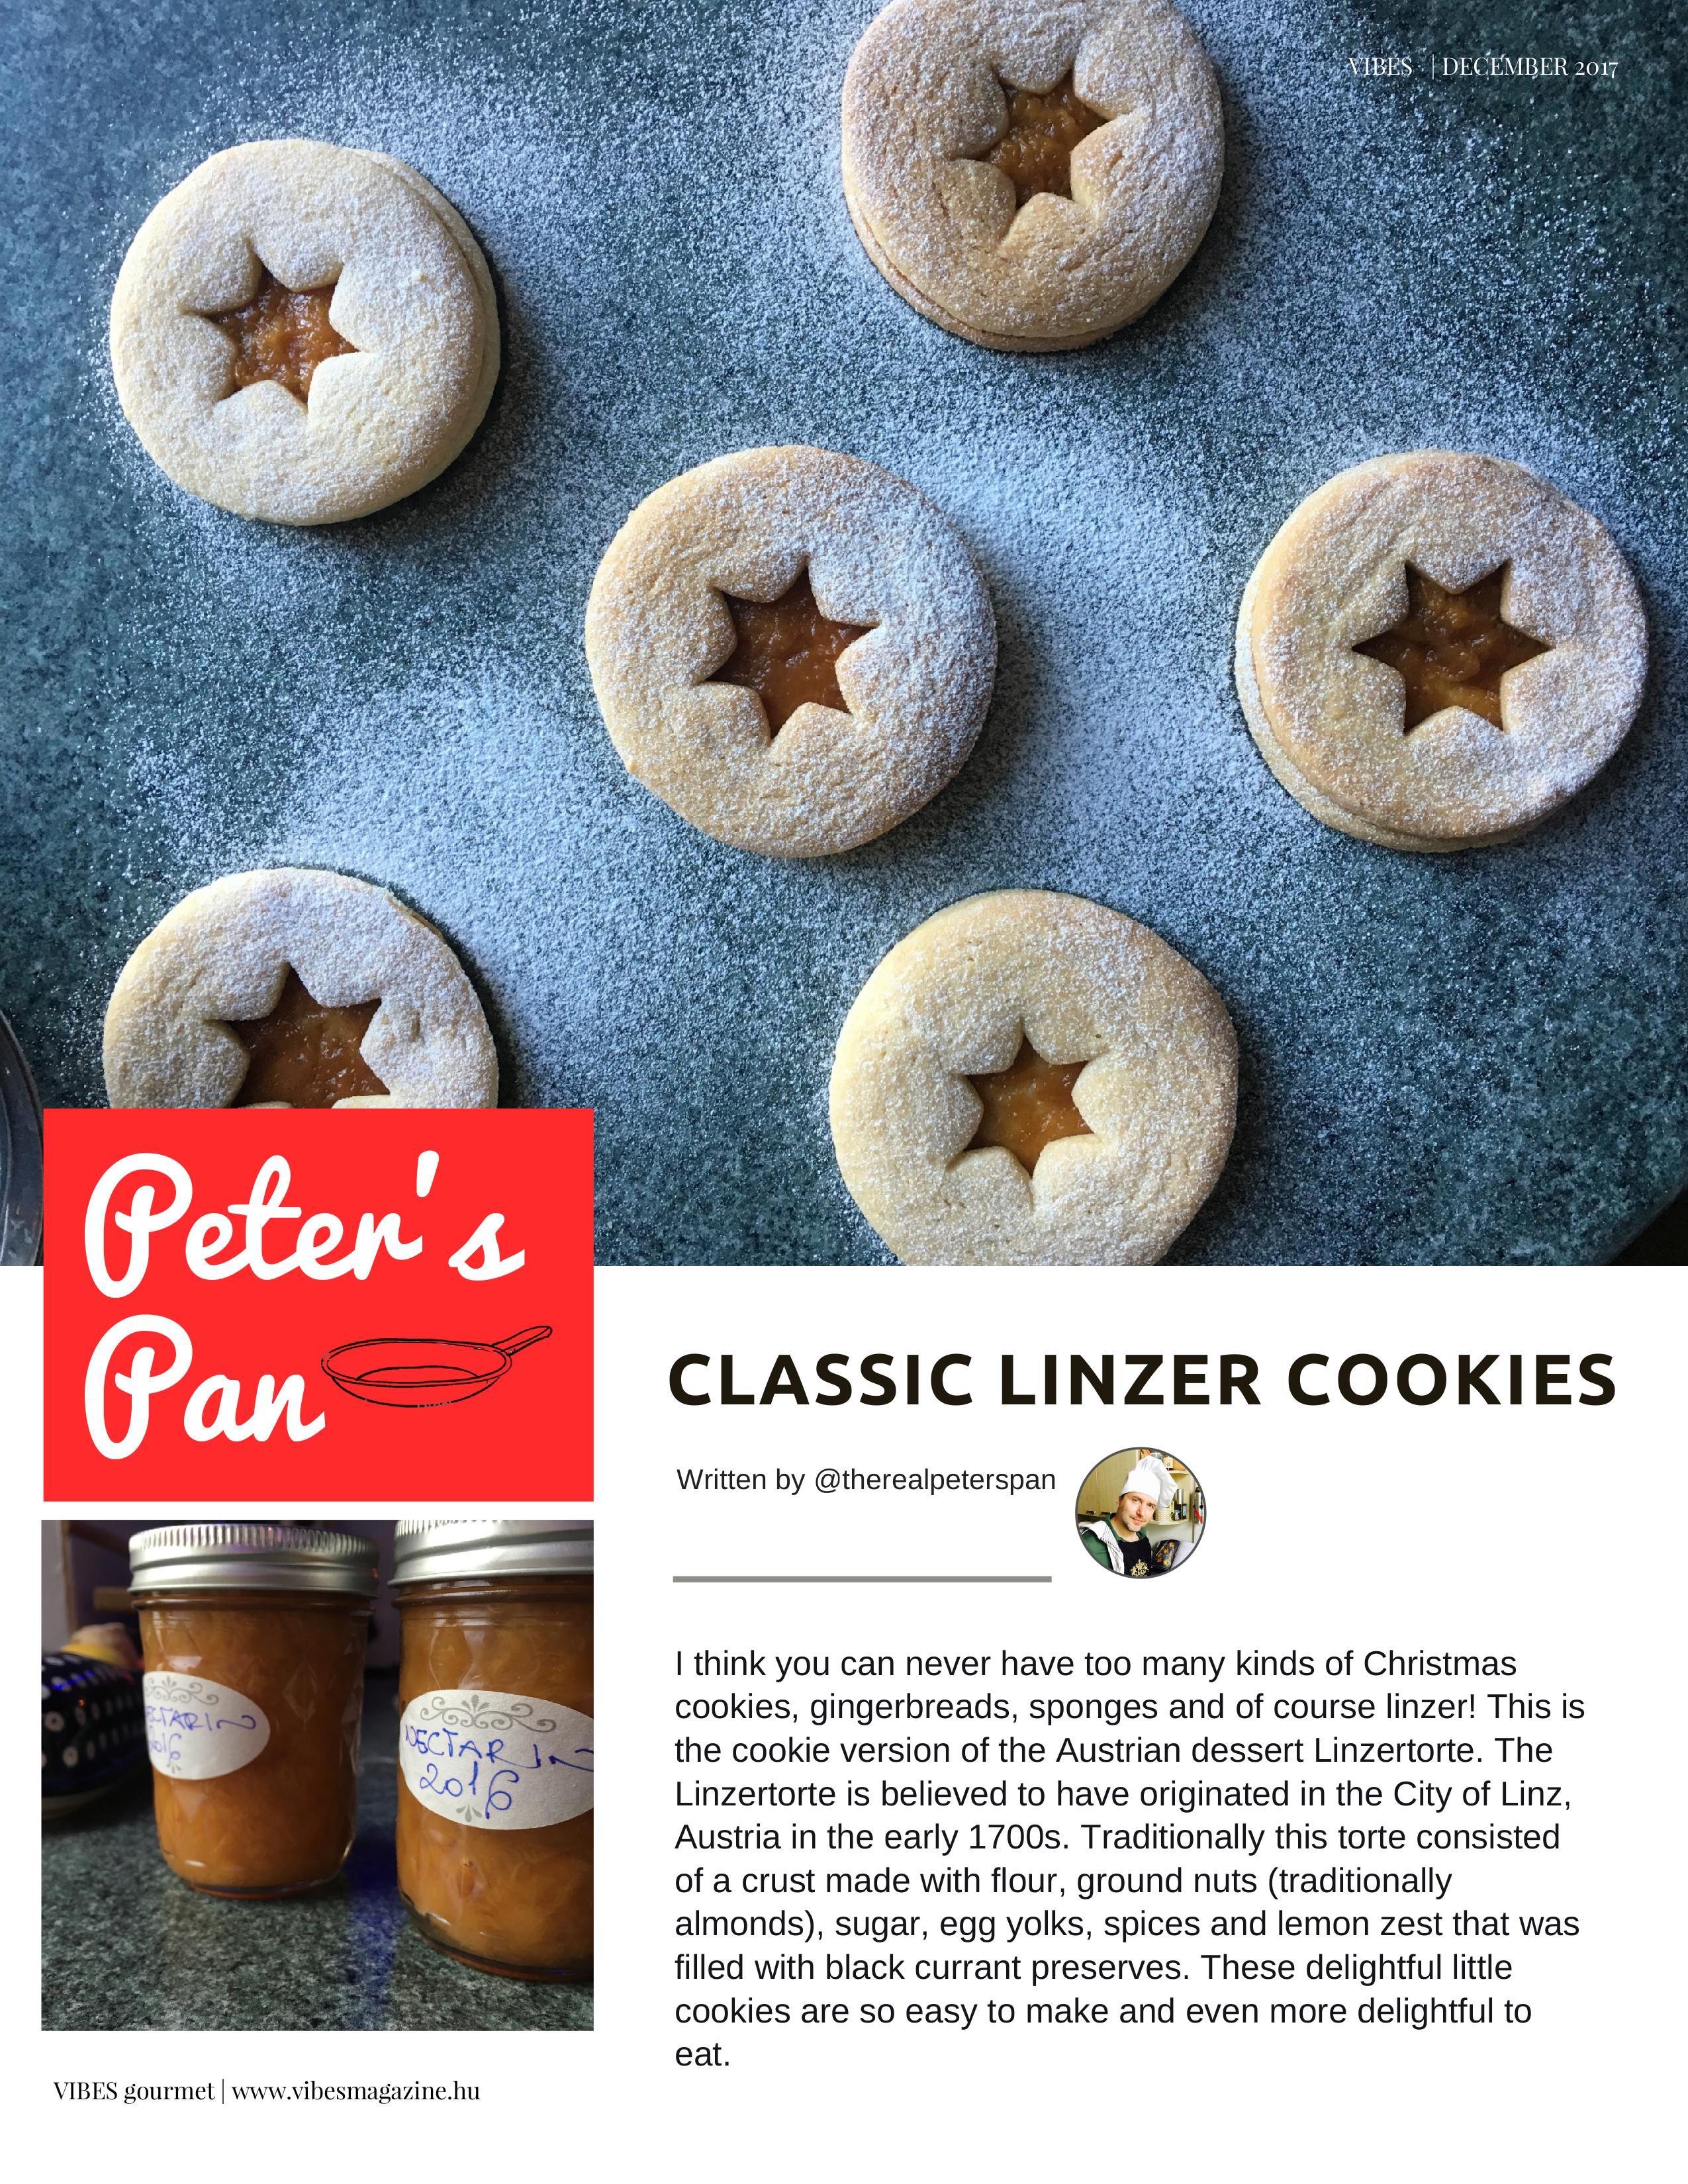 Peter's Pan: Classic linzer cookies - December 2017 VIBES